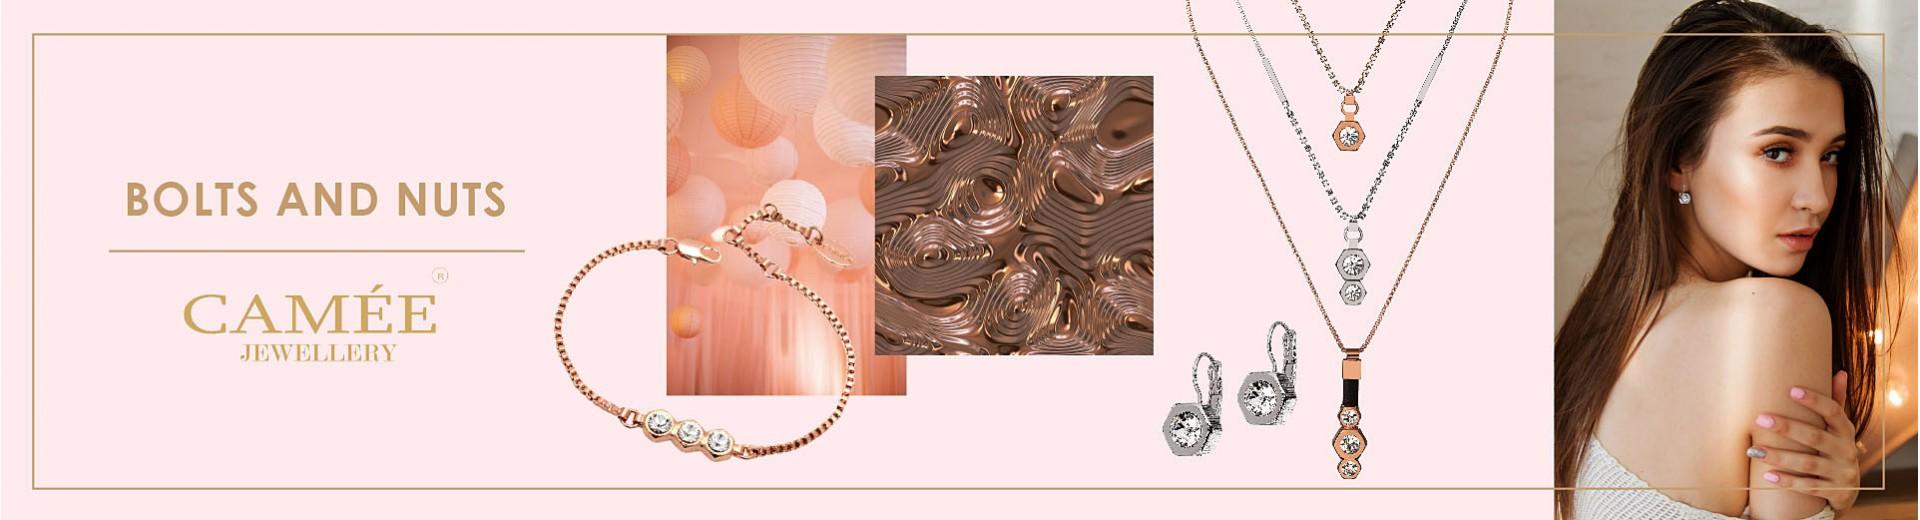 Šperky z kolekce Bolts and Nuts